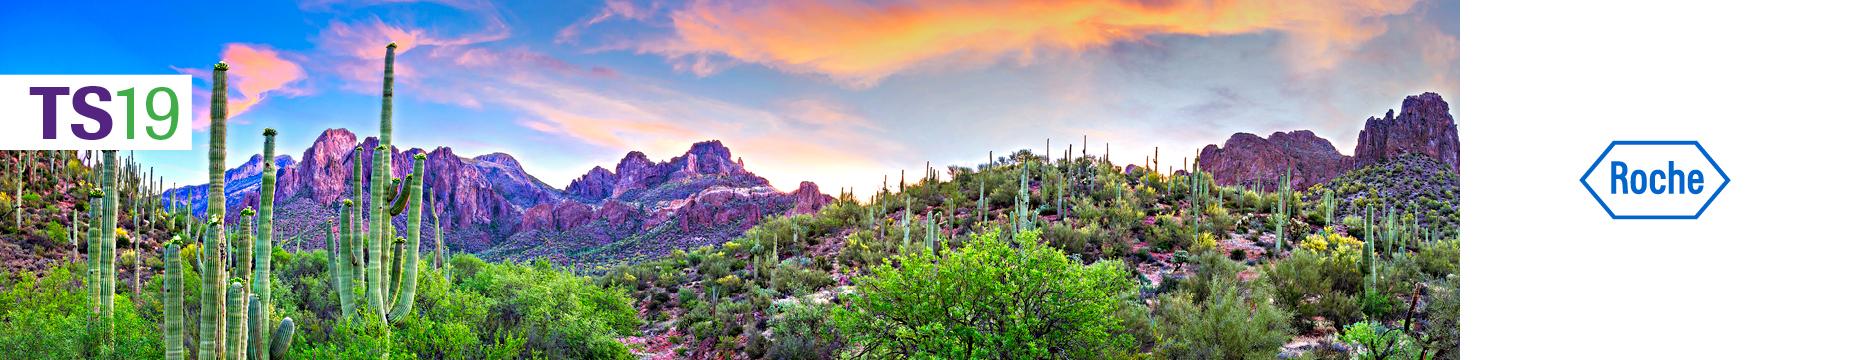 Tucson Symposium 2019